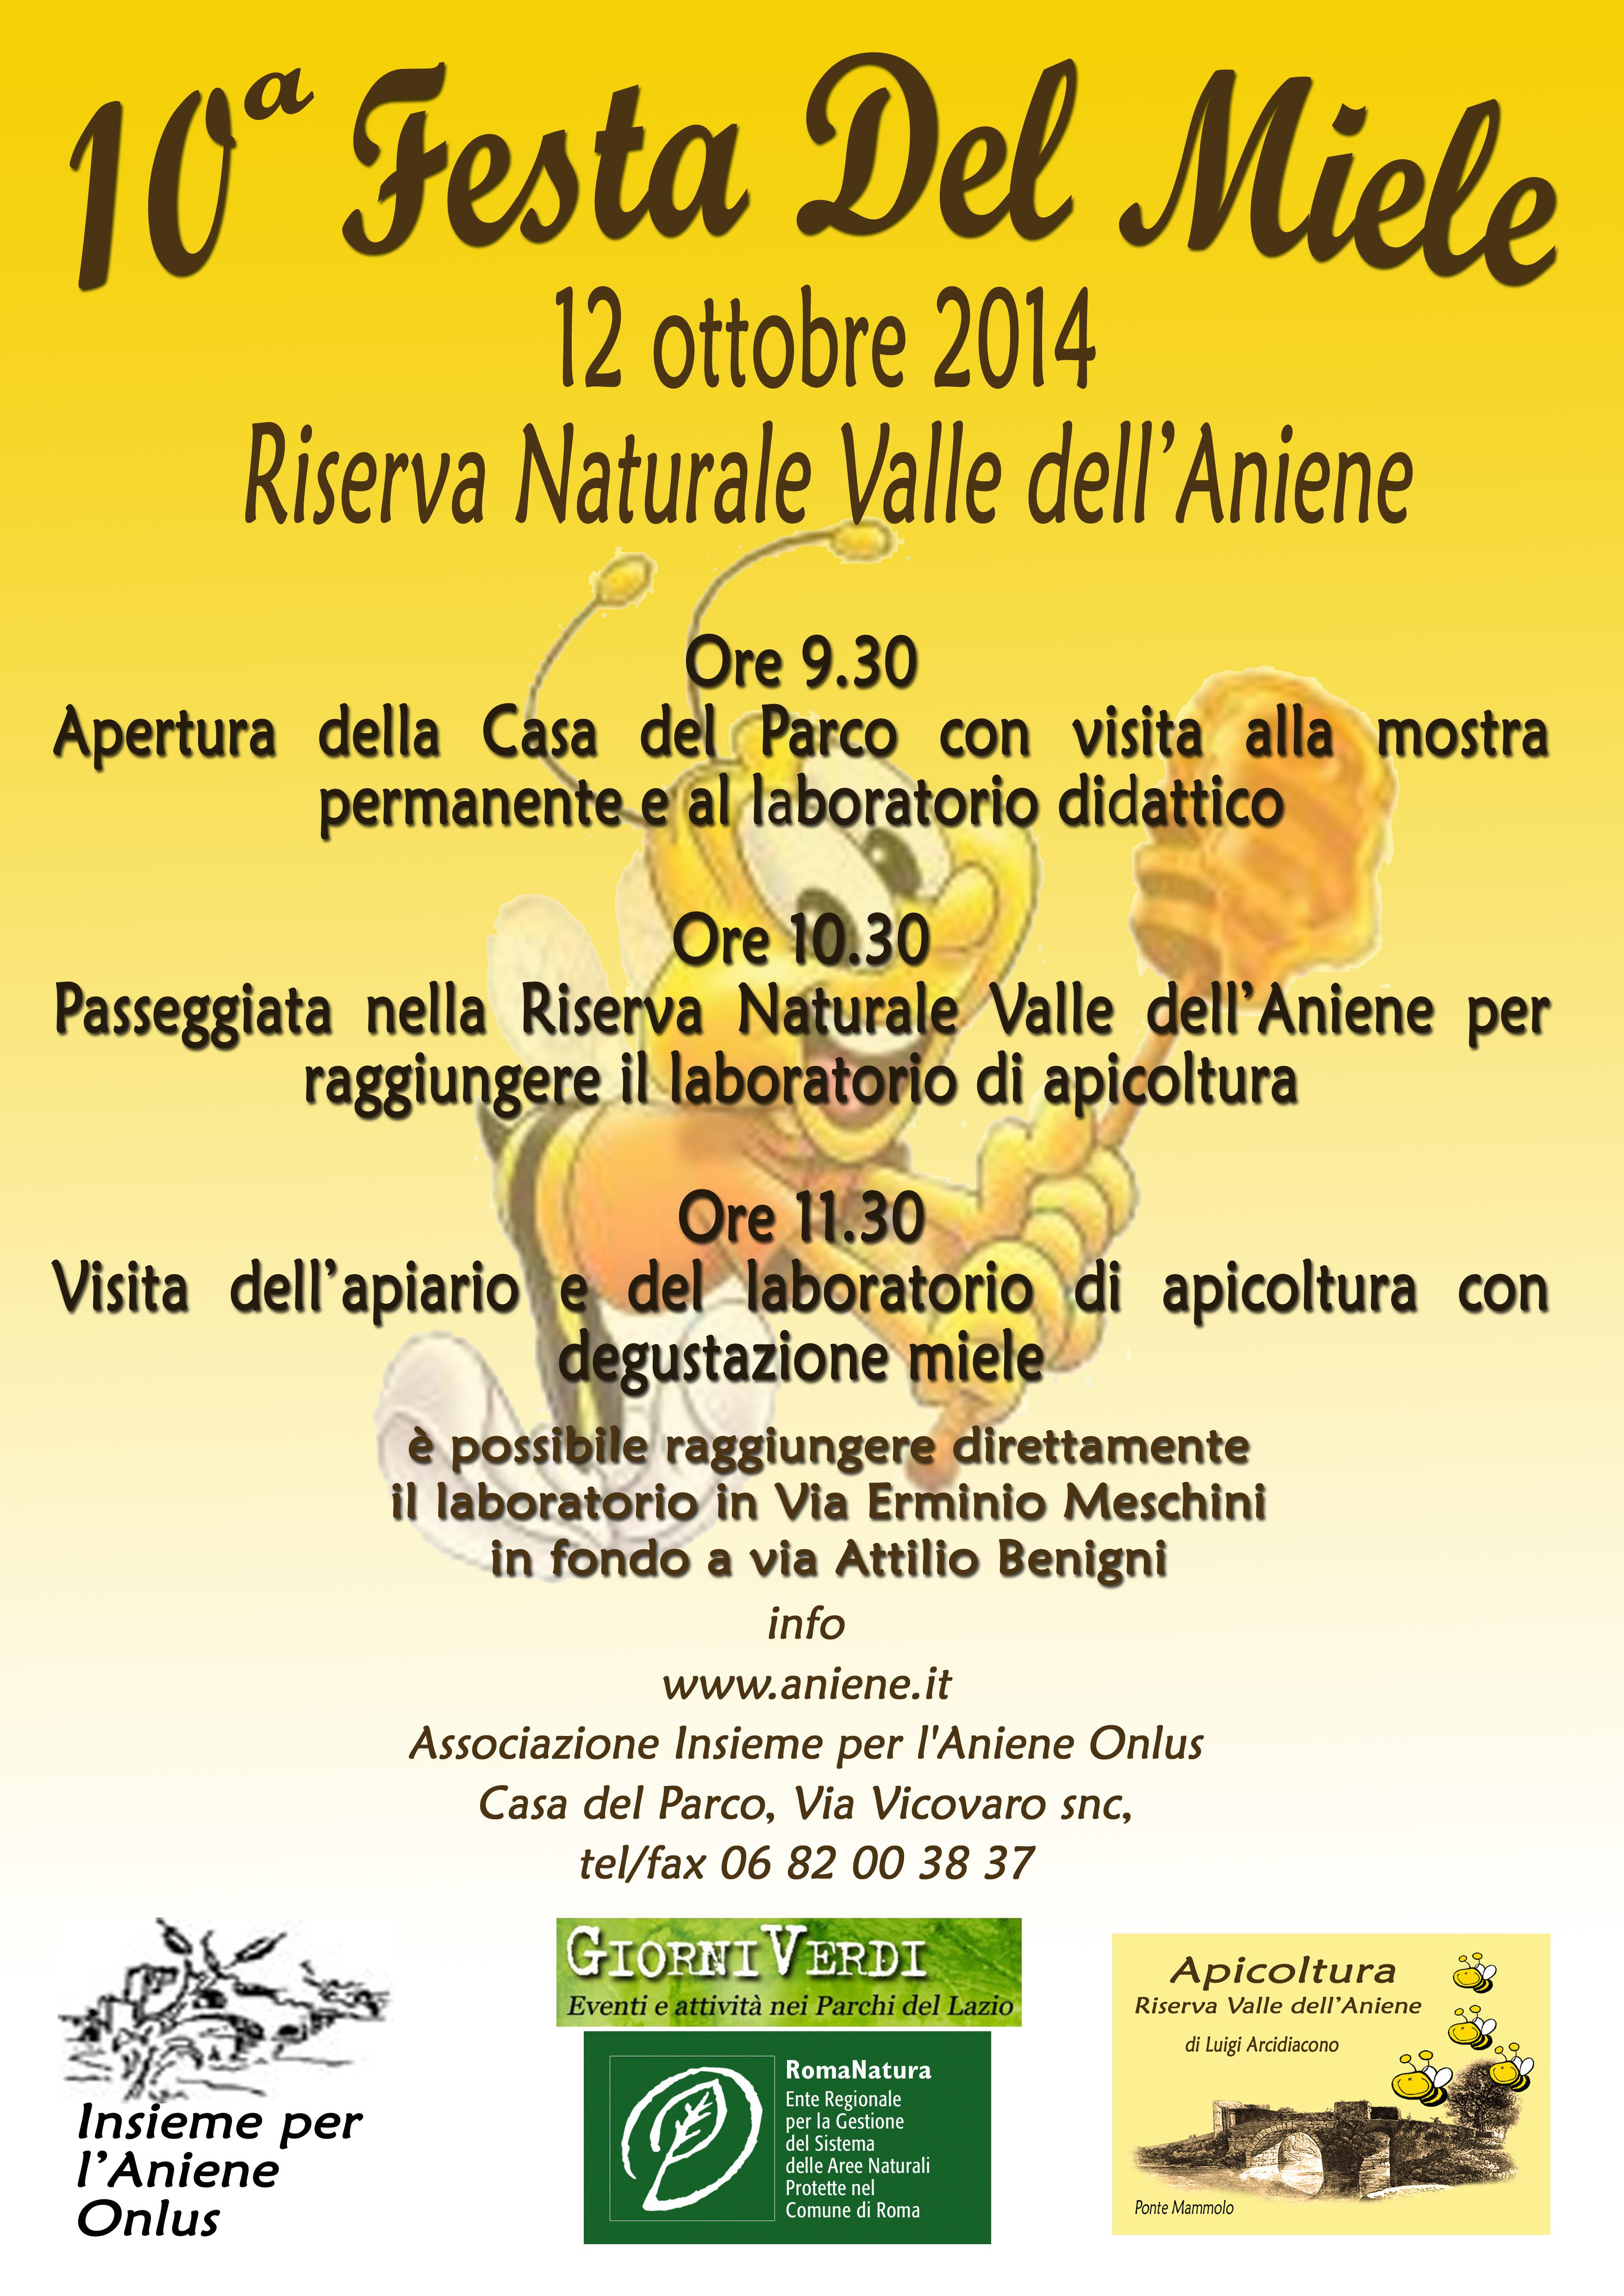 12 OTTOBRE 2014- 10° FESTA DEL MIELE